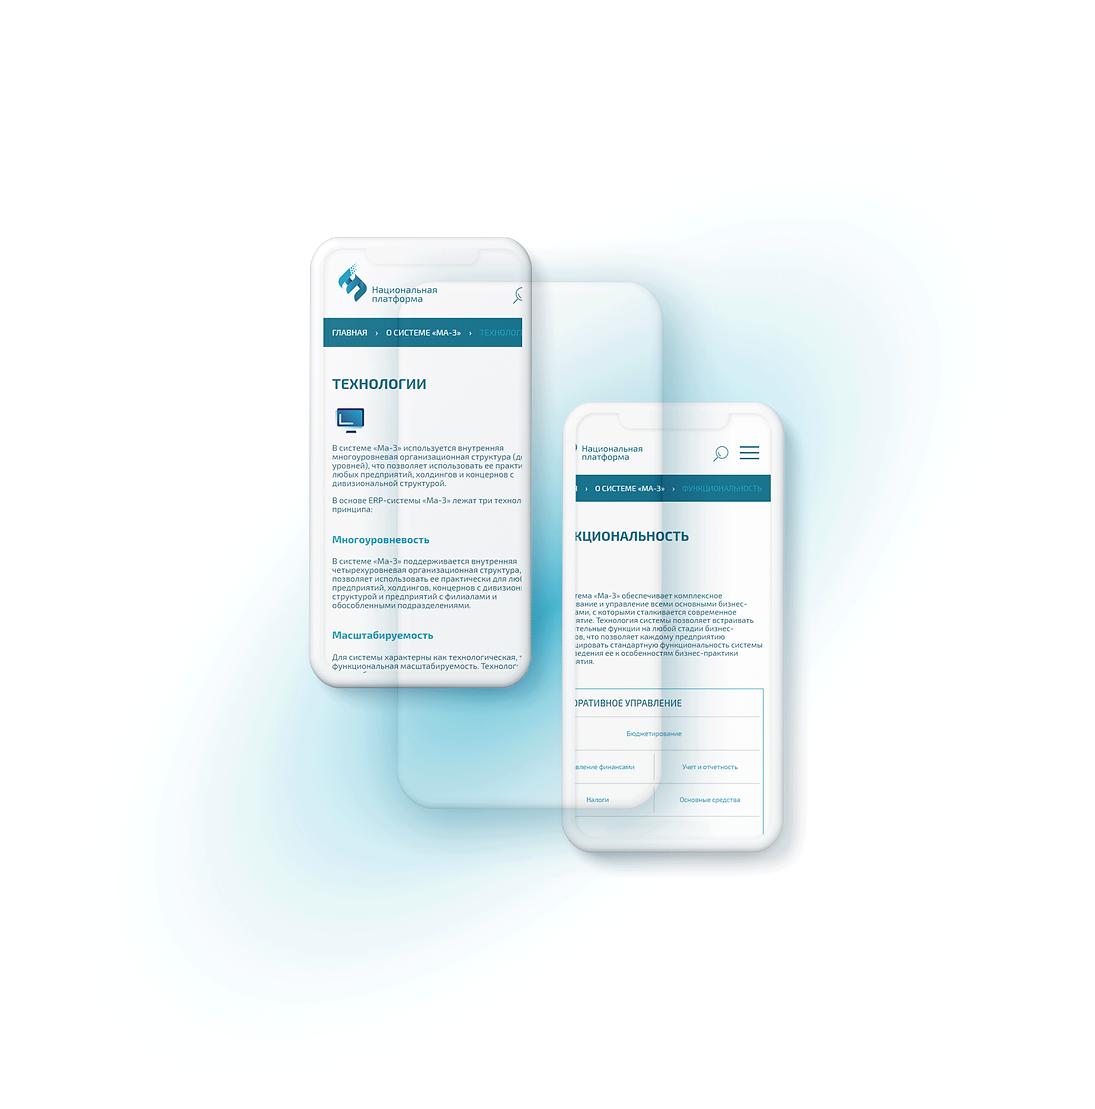 Дизайн сайта, адаптивная версия, фирменный стиль, дизайн логотипа